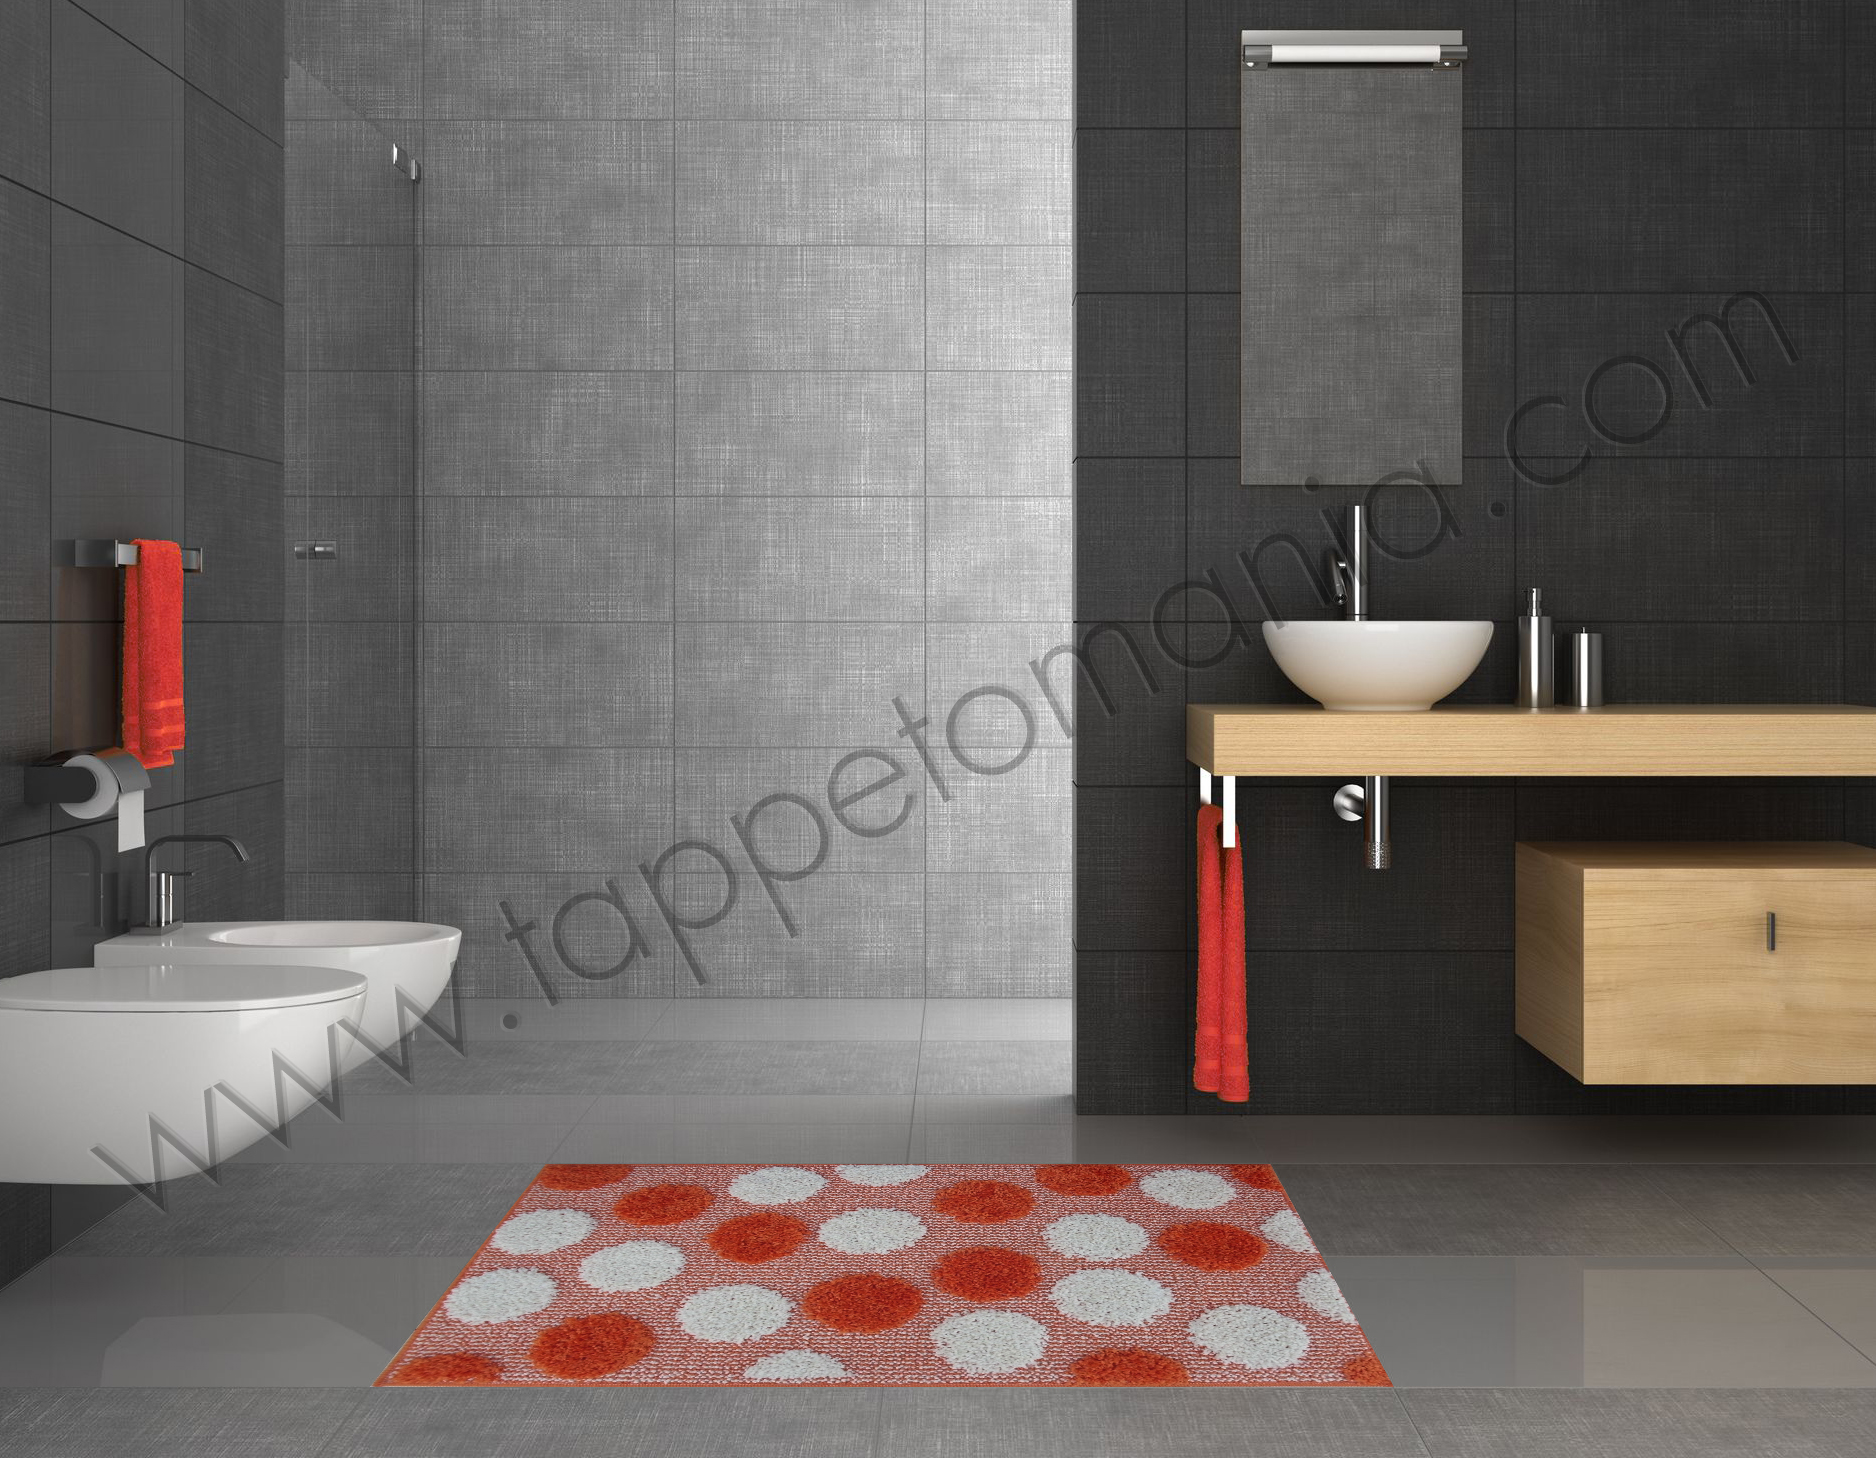 Bagno colorato piastrelle foto gallery with bagno colorato piastrelle simple bagno moderno - Outlet piastrelle bagno ...